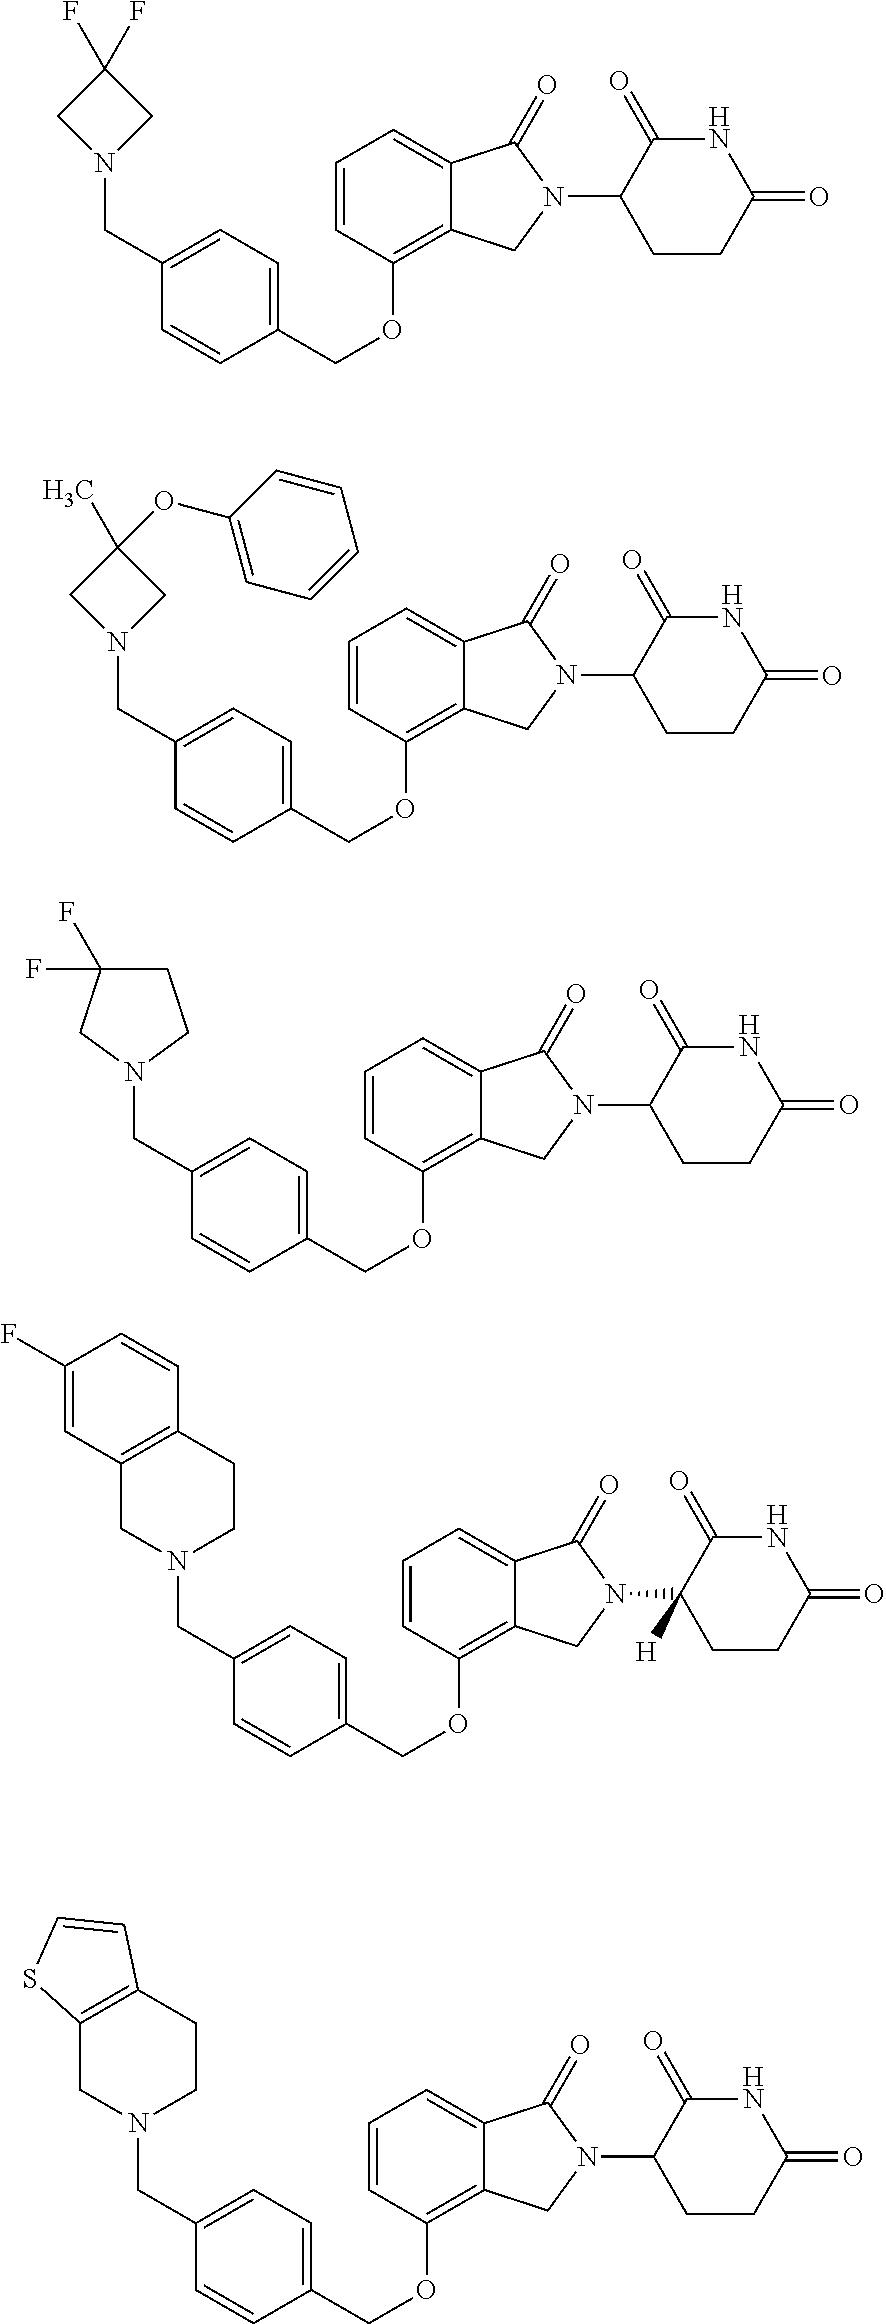 Figure US20110196150A1-20110811-C00021